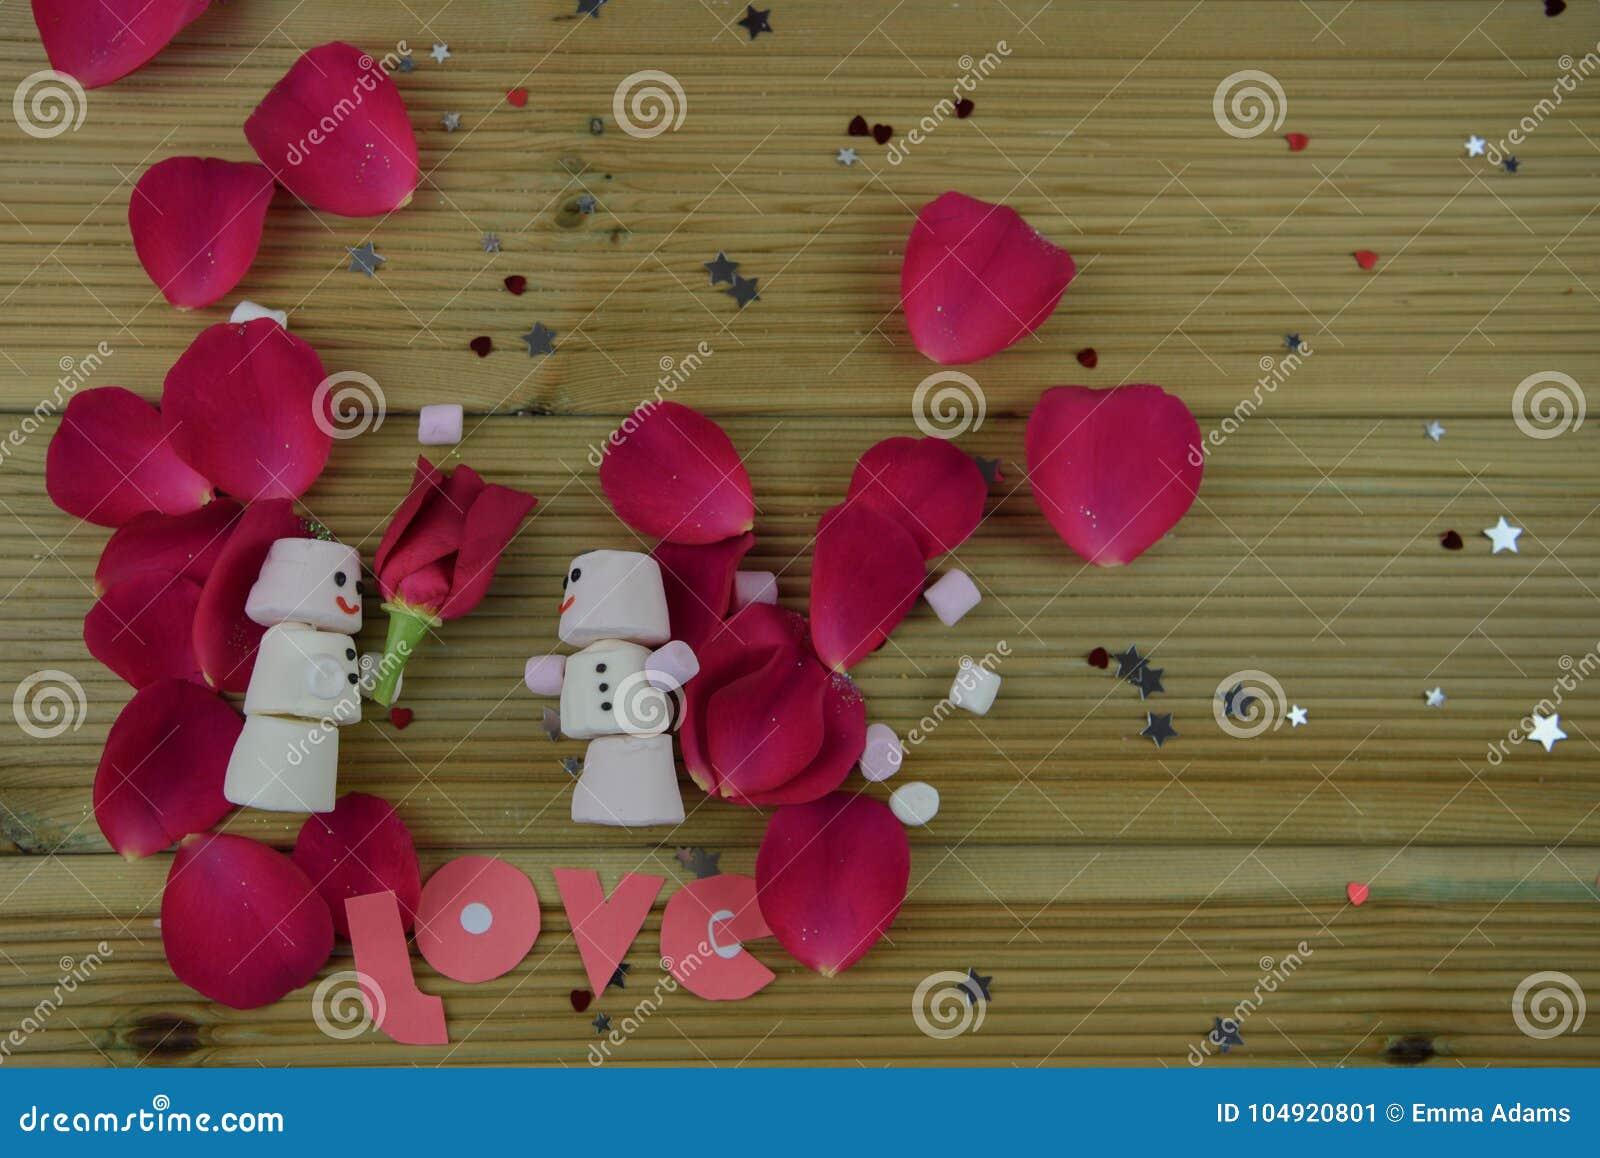 Романтичное изображение фотографии сезона зимы при зефиры сформированные как снеговик с улыбками заморозило дальше и держащ цвето